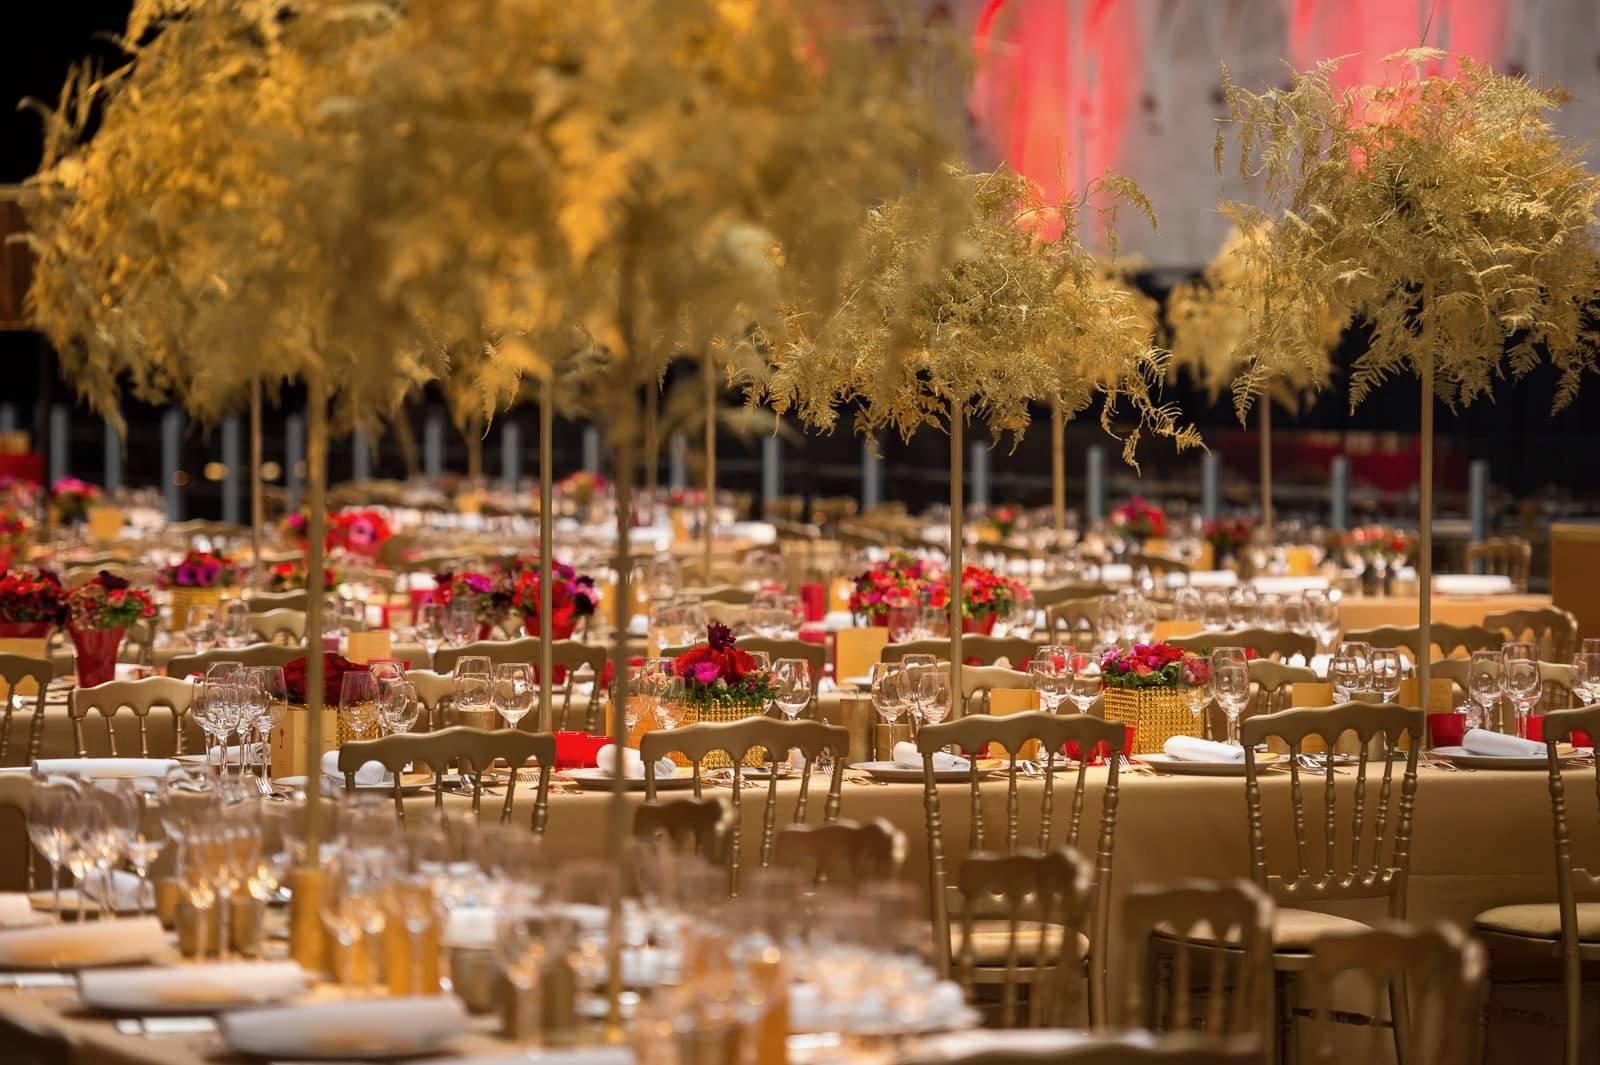 Atelier Ducheyne - Catering - Traiteur - Cateraar - House of Weddings - 5